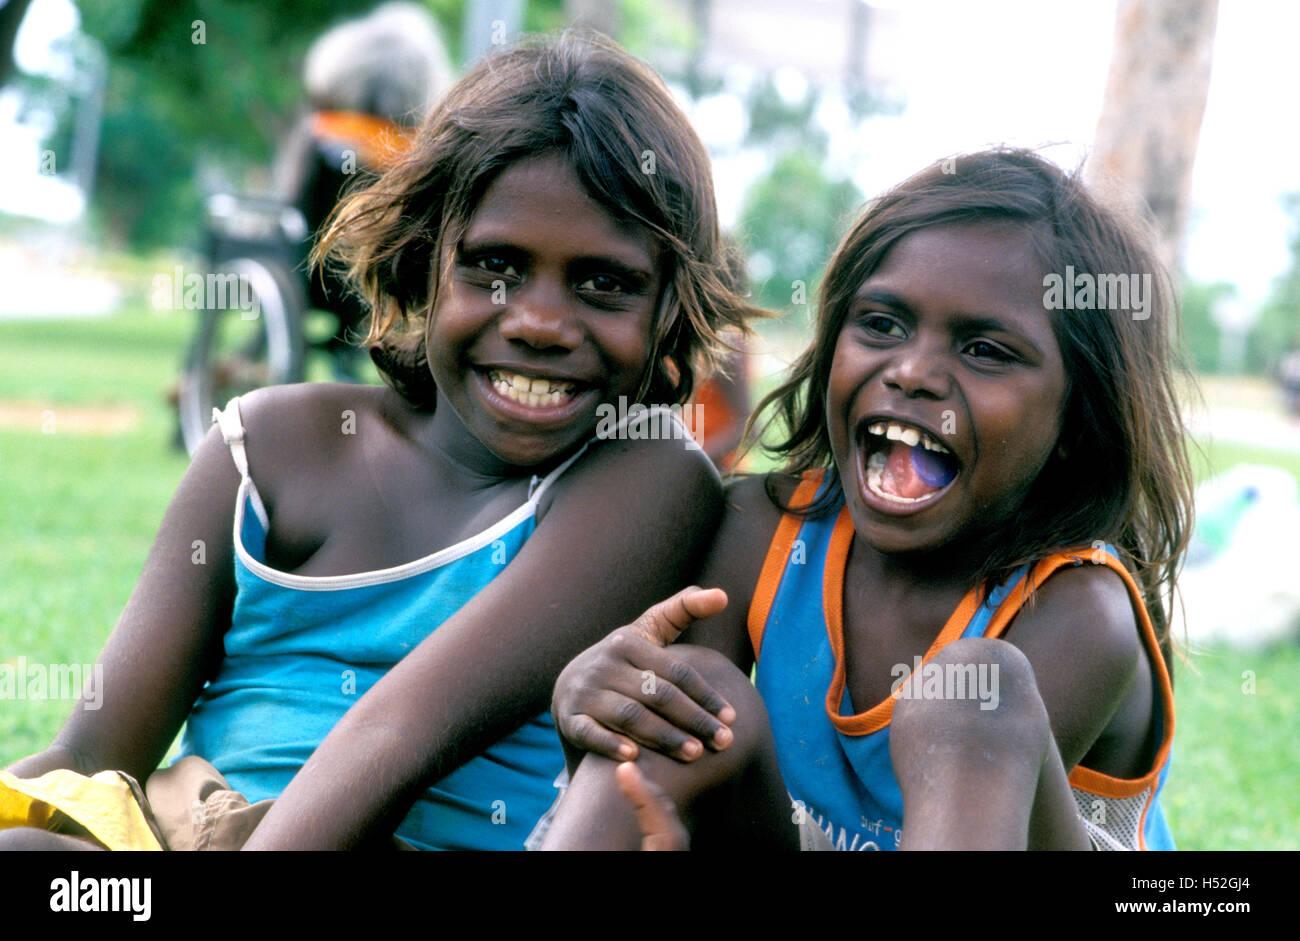 aboriginal children katherine northern territory australia - Stock Image